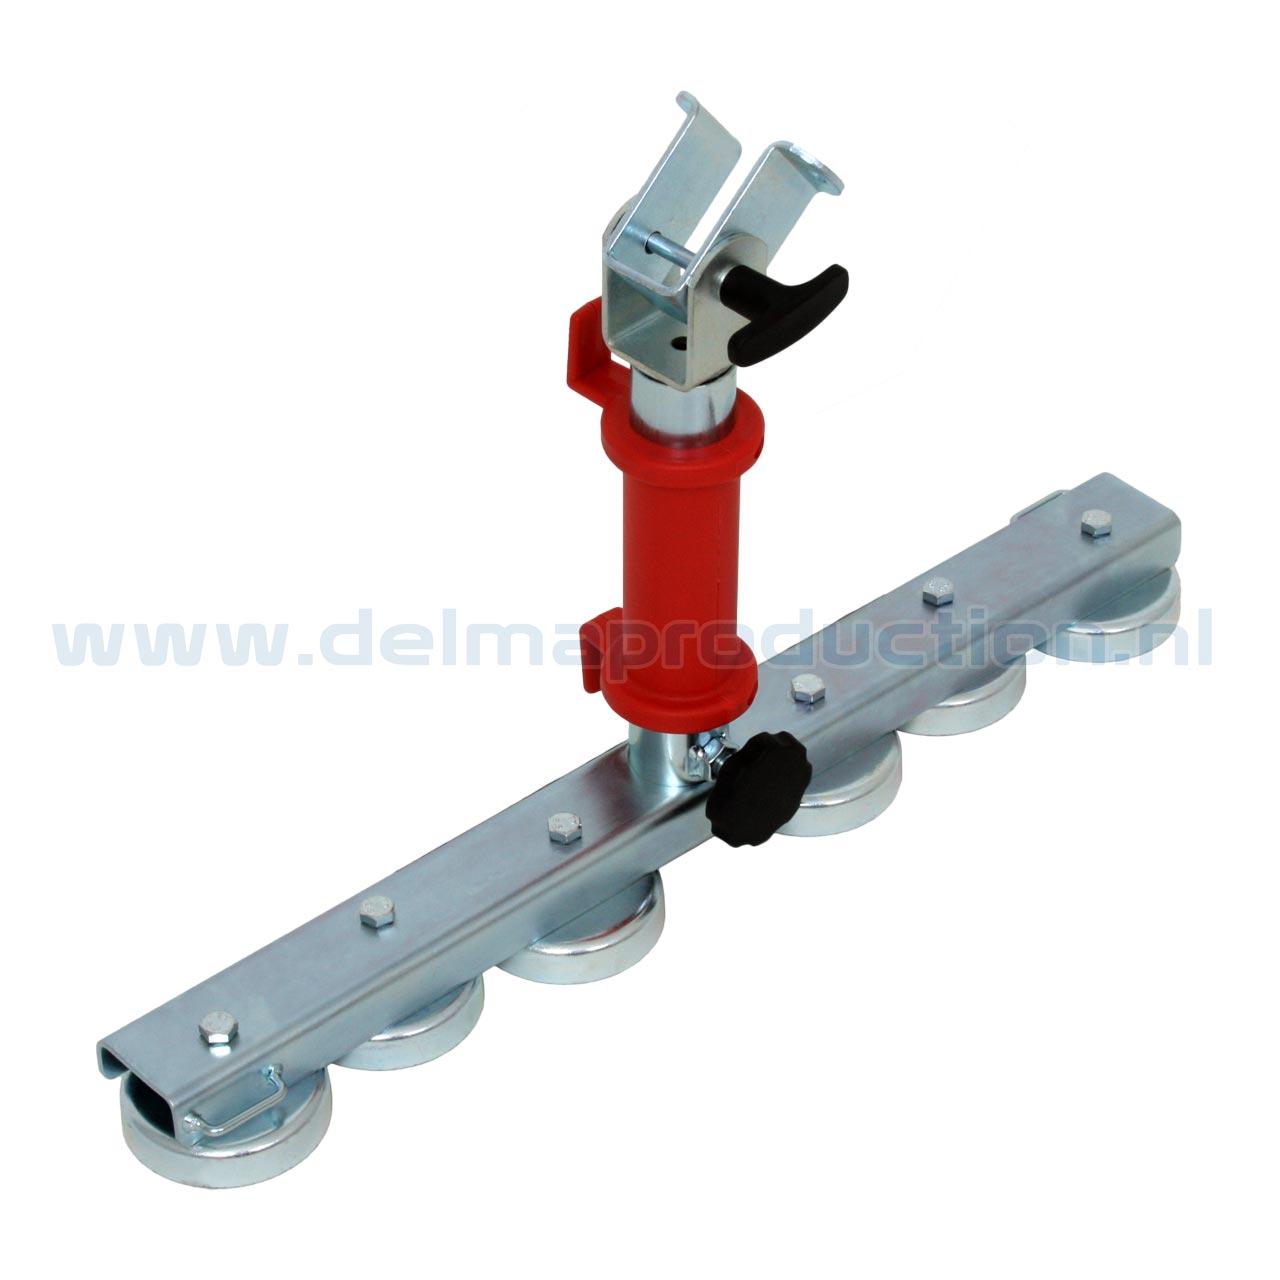 Magneetsteun 6 magneten voor OPUS Werklampen (1)